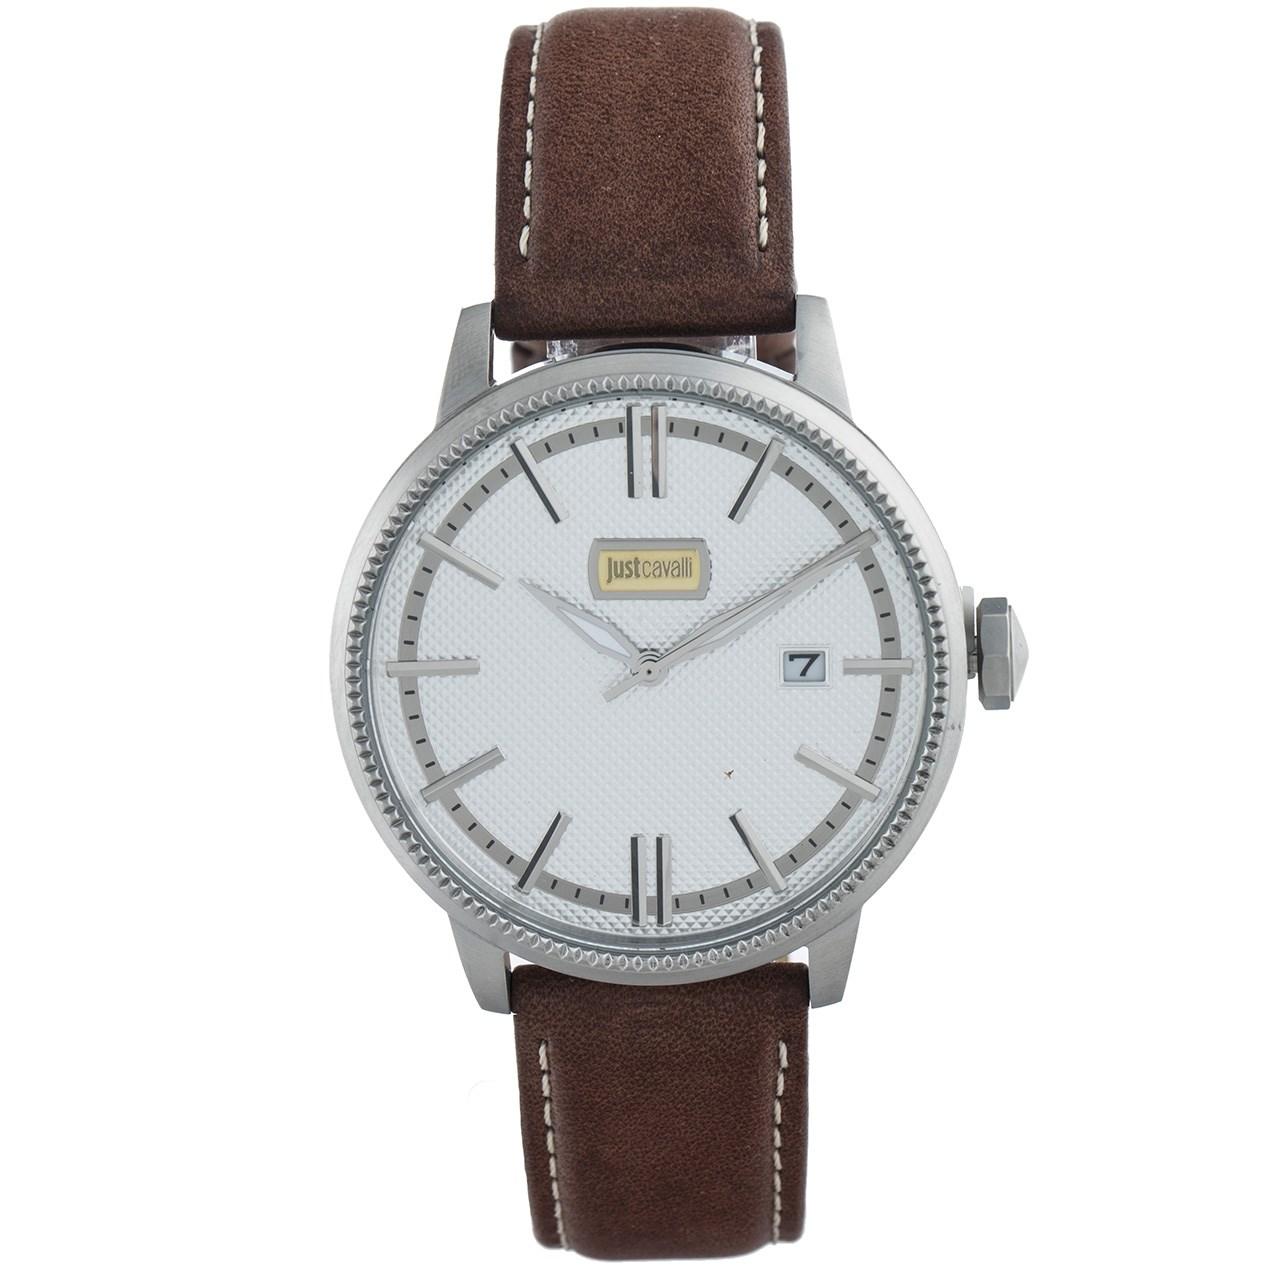 ساعت مچی عقربه ای مردانه جاست کاوالی مدل JC1G018L0015